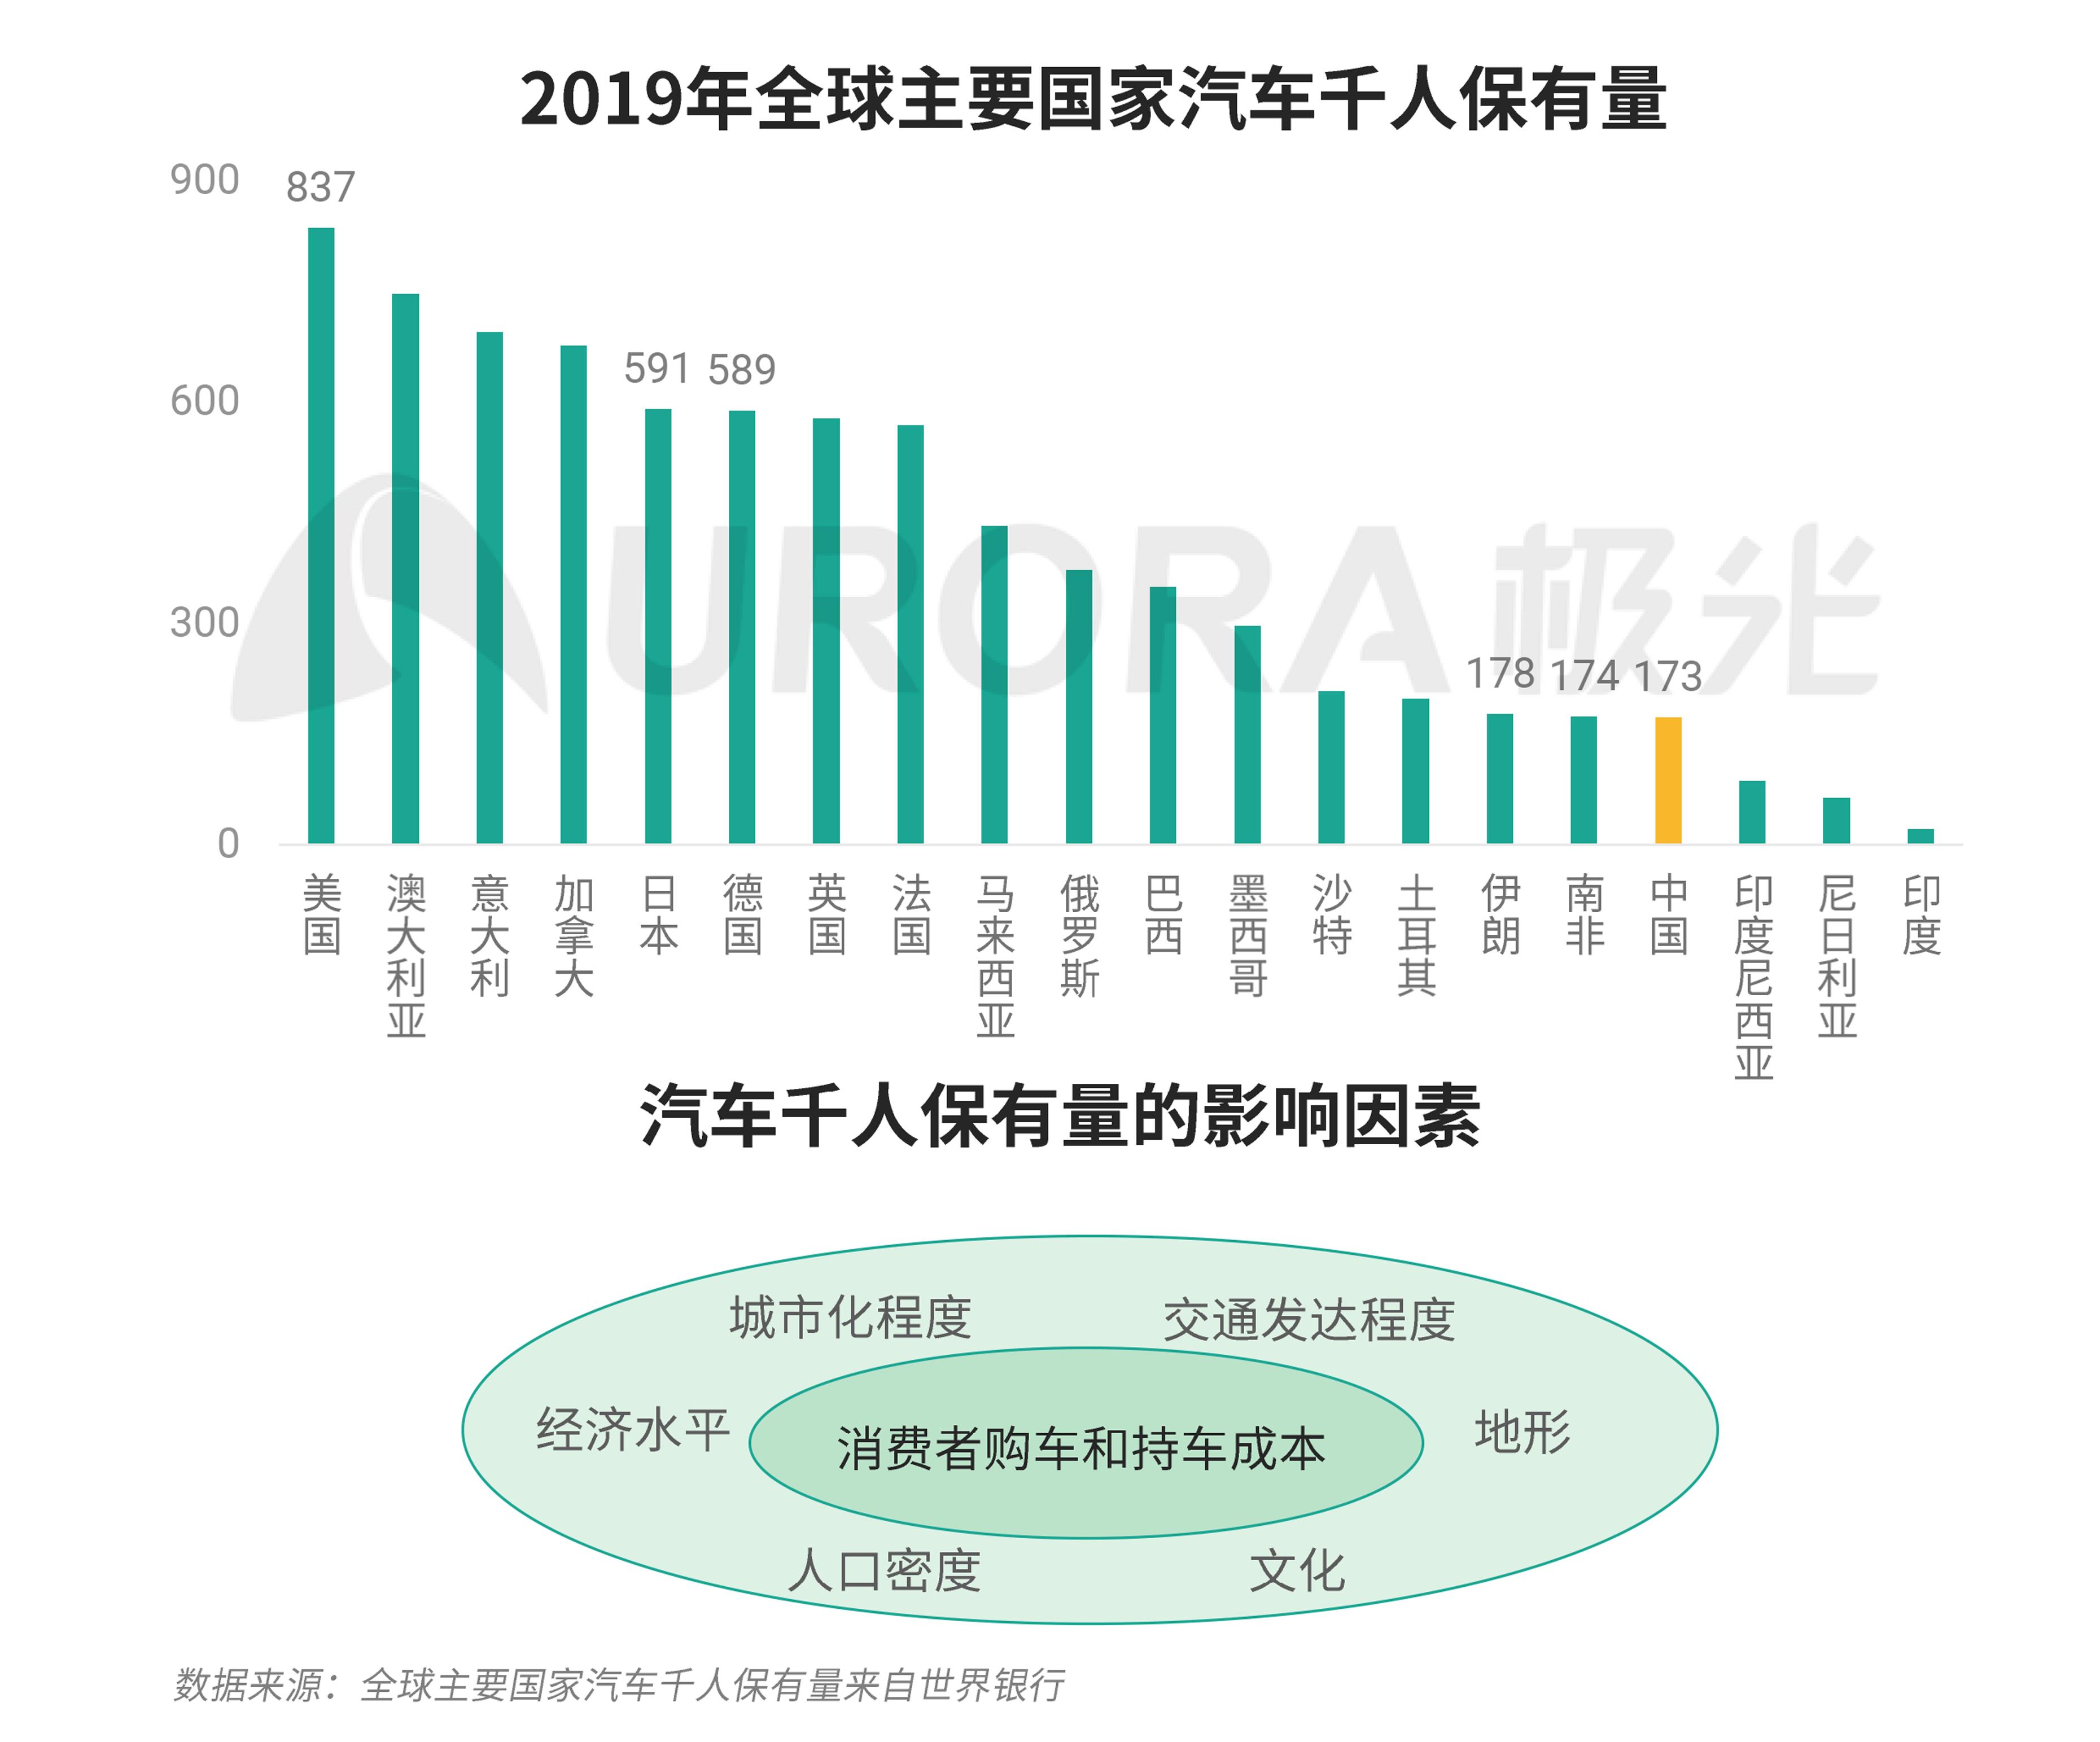 极光:汽车产业新格局 (7).png